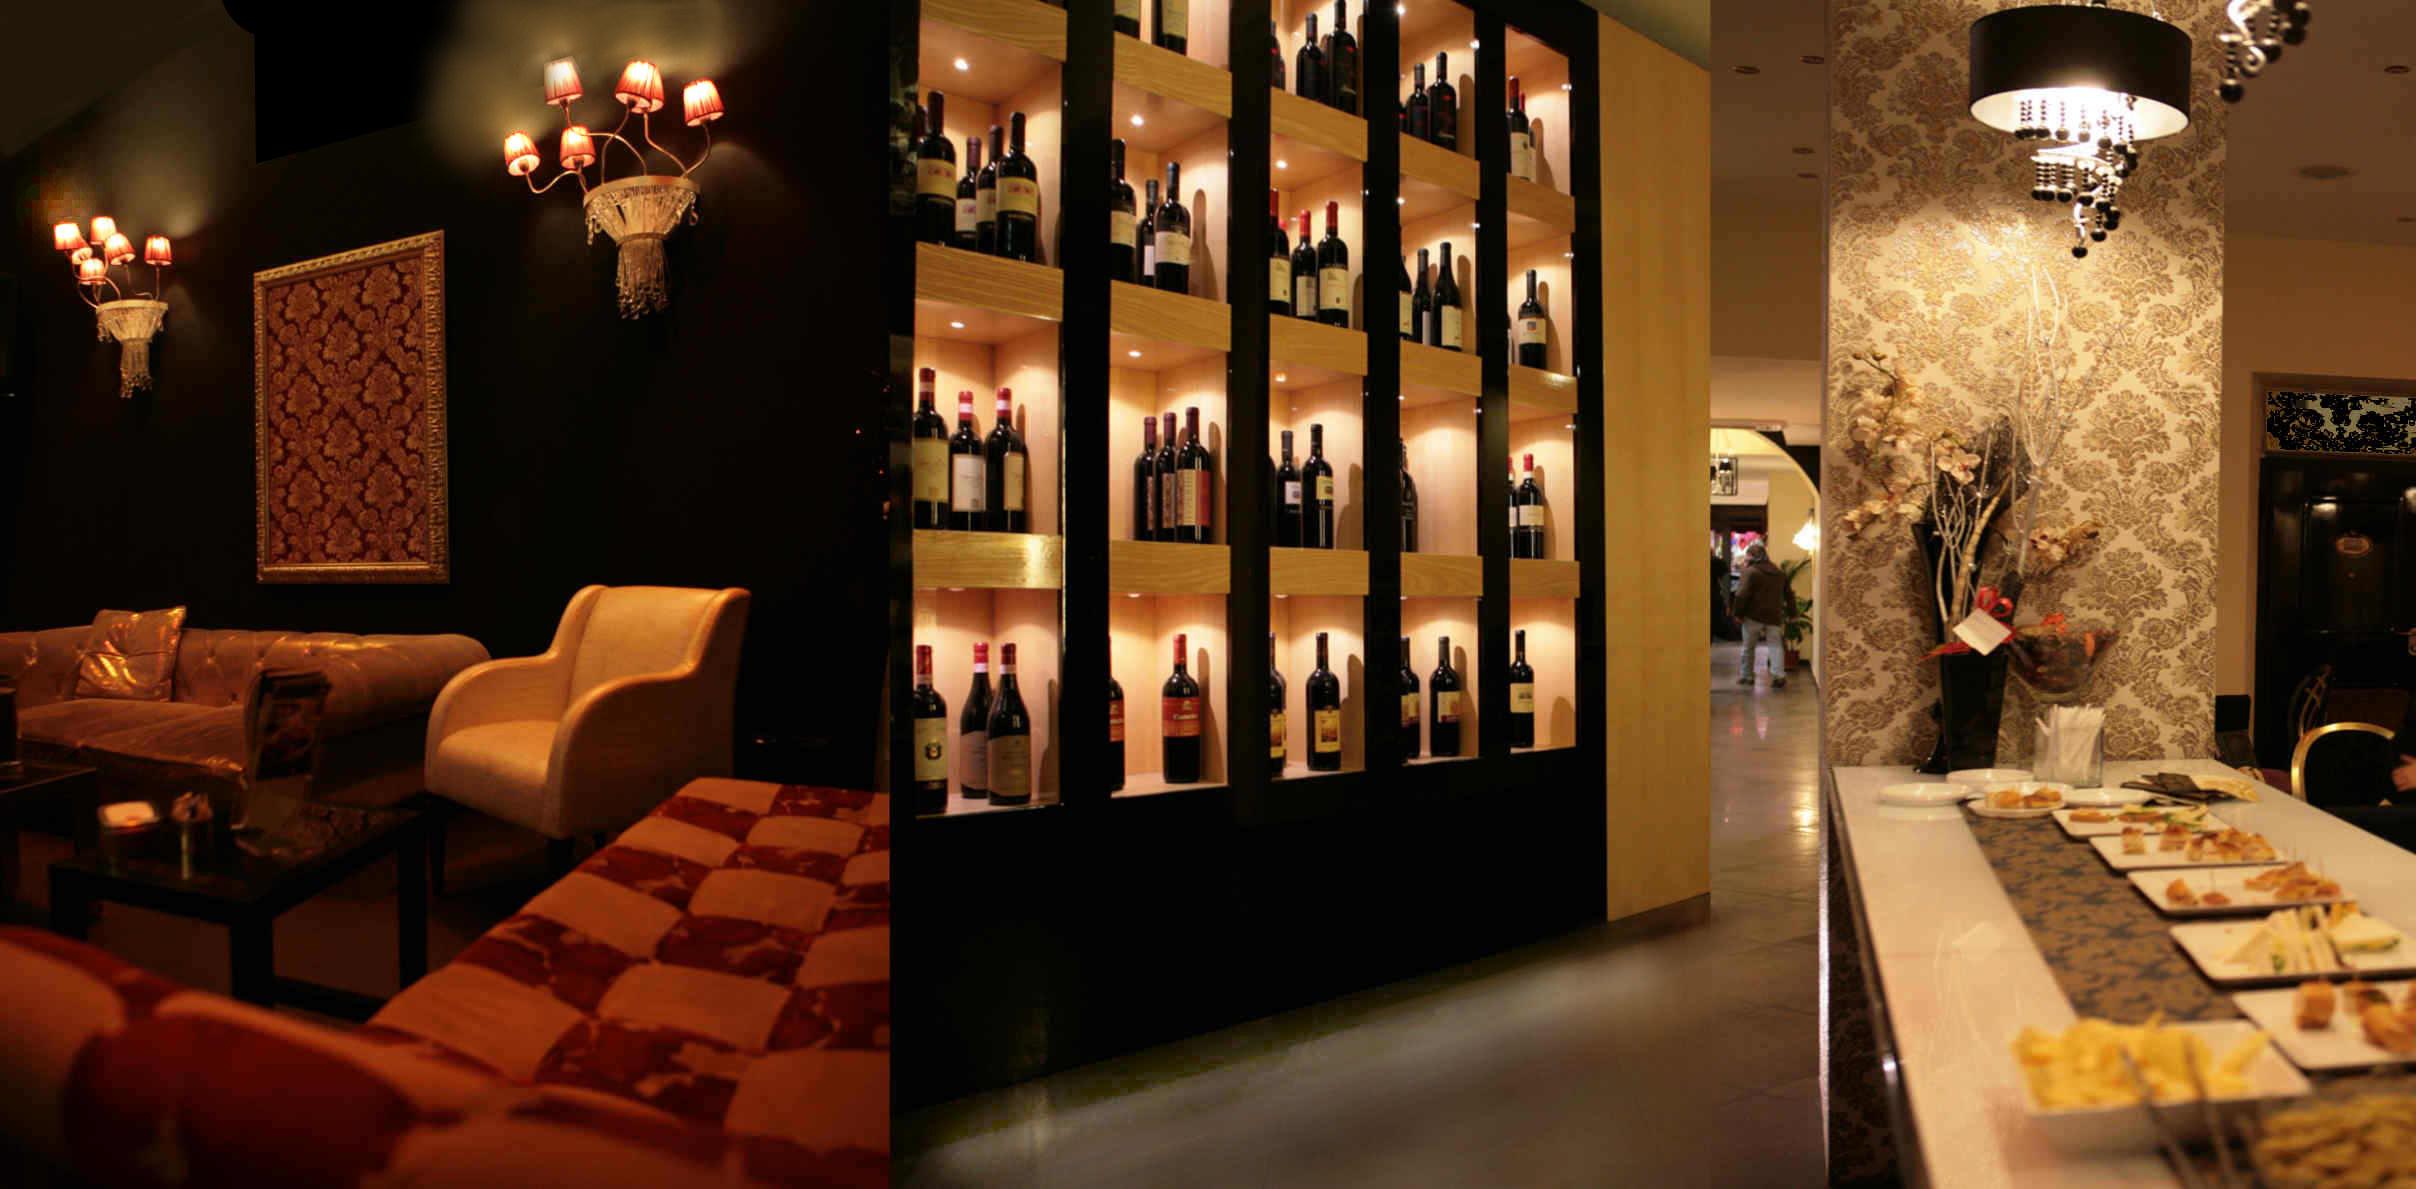 Arredamento wine bar roma for Arredamento per pub e birrerie